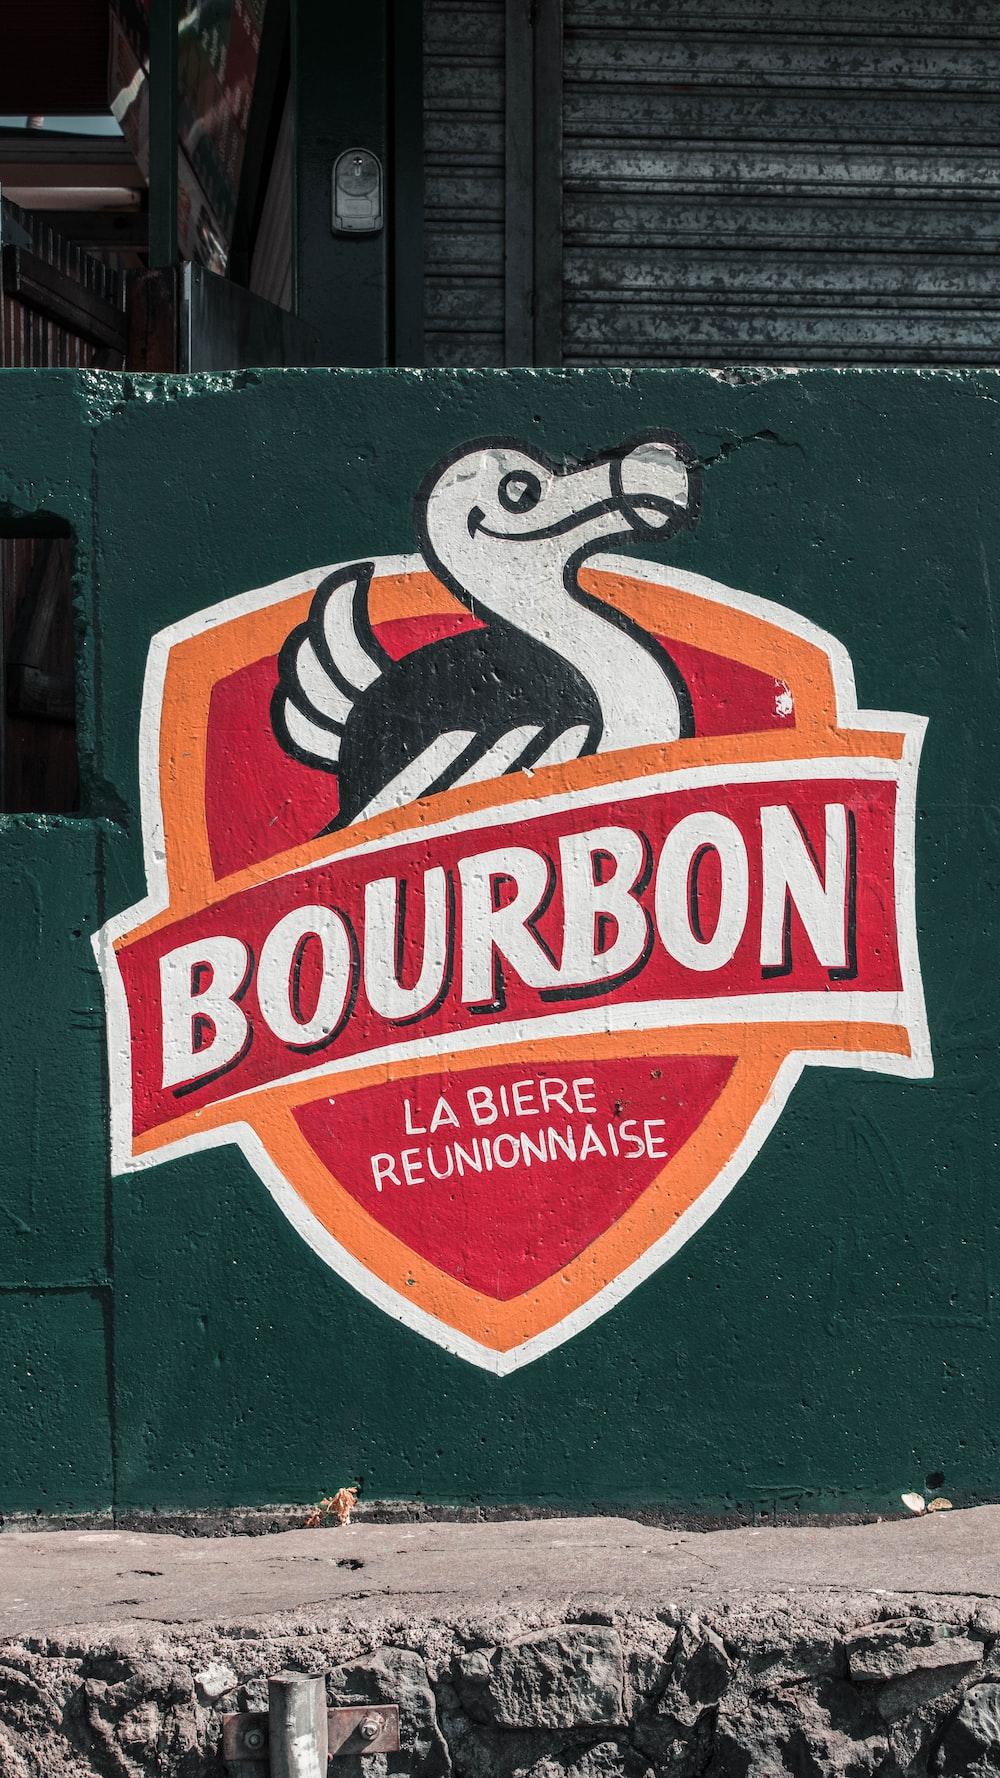 Bourbon La Biere Reunionnaise box close-up photo